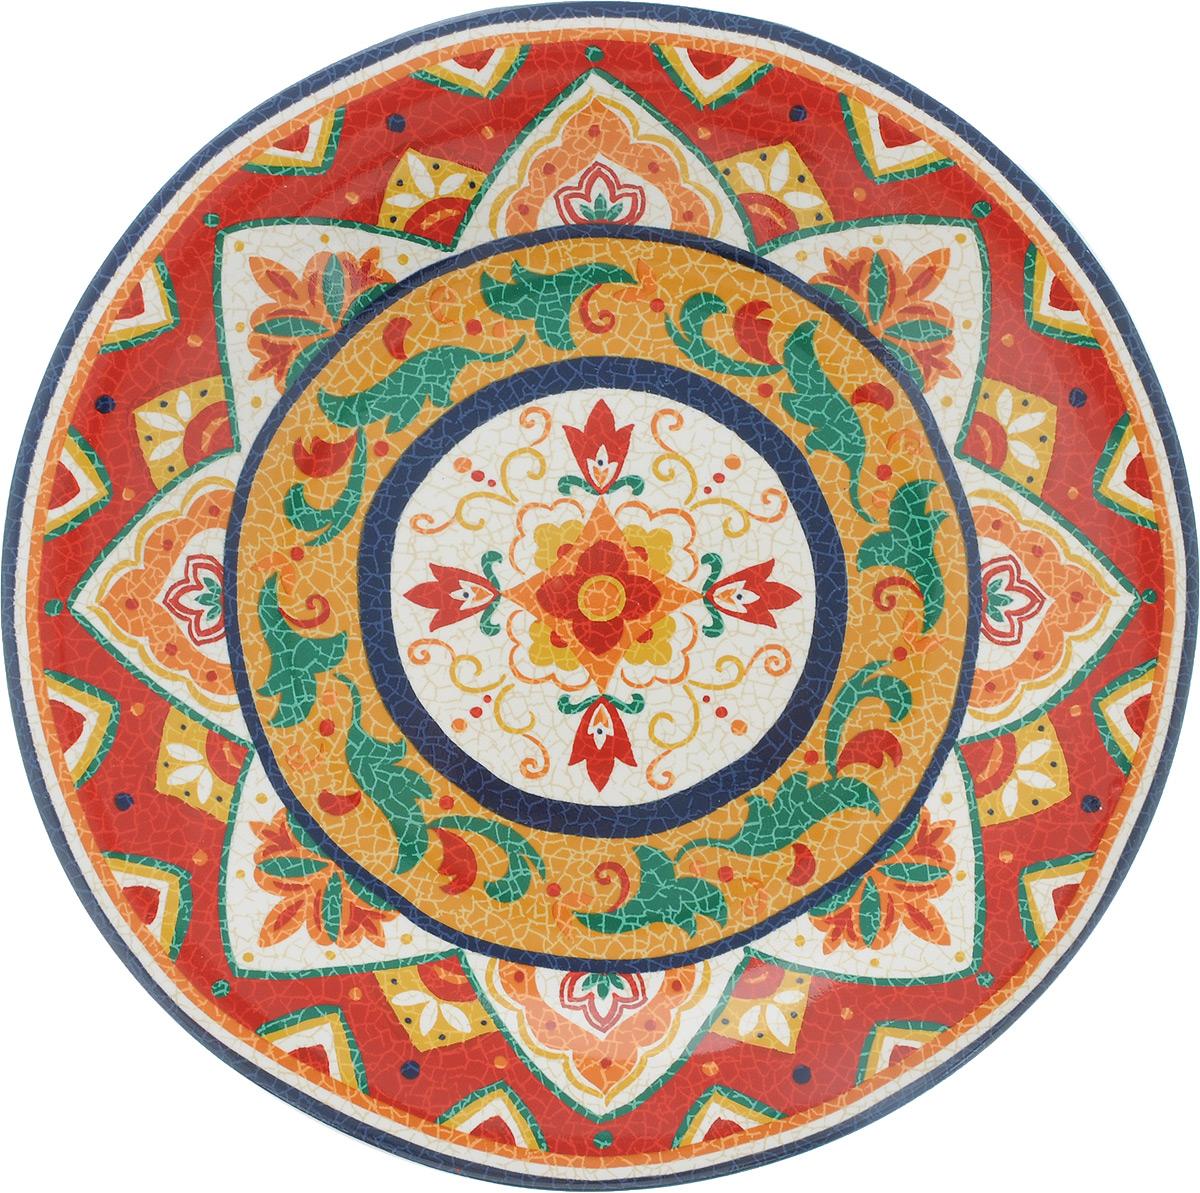 Тарелка десертная Sango Ceramics Мессина, диаметр 23 смUTMS41810Десертная тарелка Sango Ceramics Мессина, изготовленная из высококачественной керамики, имеет изысканный внешний вид. Такая тарелка прекрасно подходит как для торжественных случаев, так и для повседневного использования. Идеальна для подачи десертов, пирожных, тортов и многого другого. Она прекрасно оформит стол и станет отличным дополнением к вашей коллекции кухонной посуды. Можно использовать в посудомоечной машине и СВЧ. Диаметр тарелки: 23 см. Высота тарелки: 3 см.